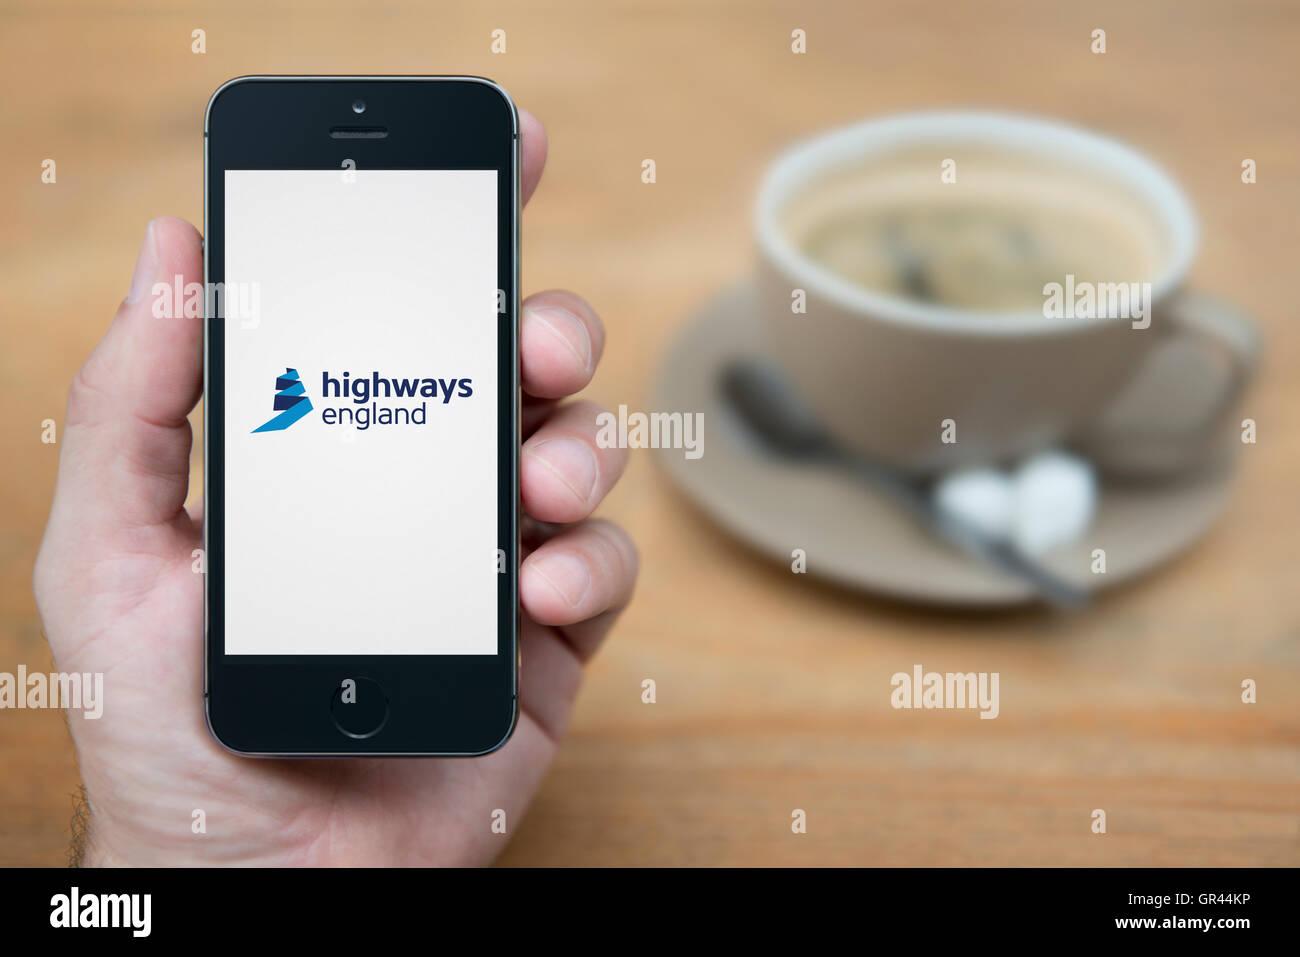 Un uomo guarda al suo iPhone che consente di visualizzare le strade Inghilterra logo (solo uso editoriale). Immagini Stock